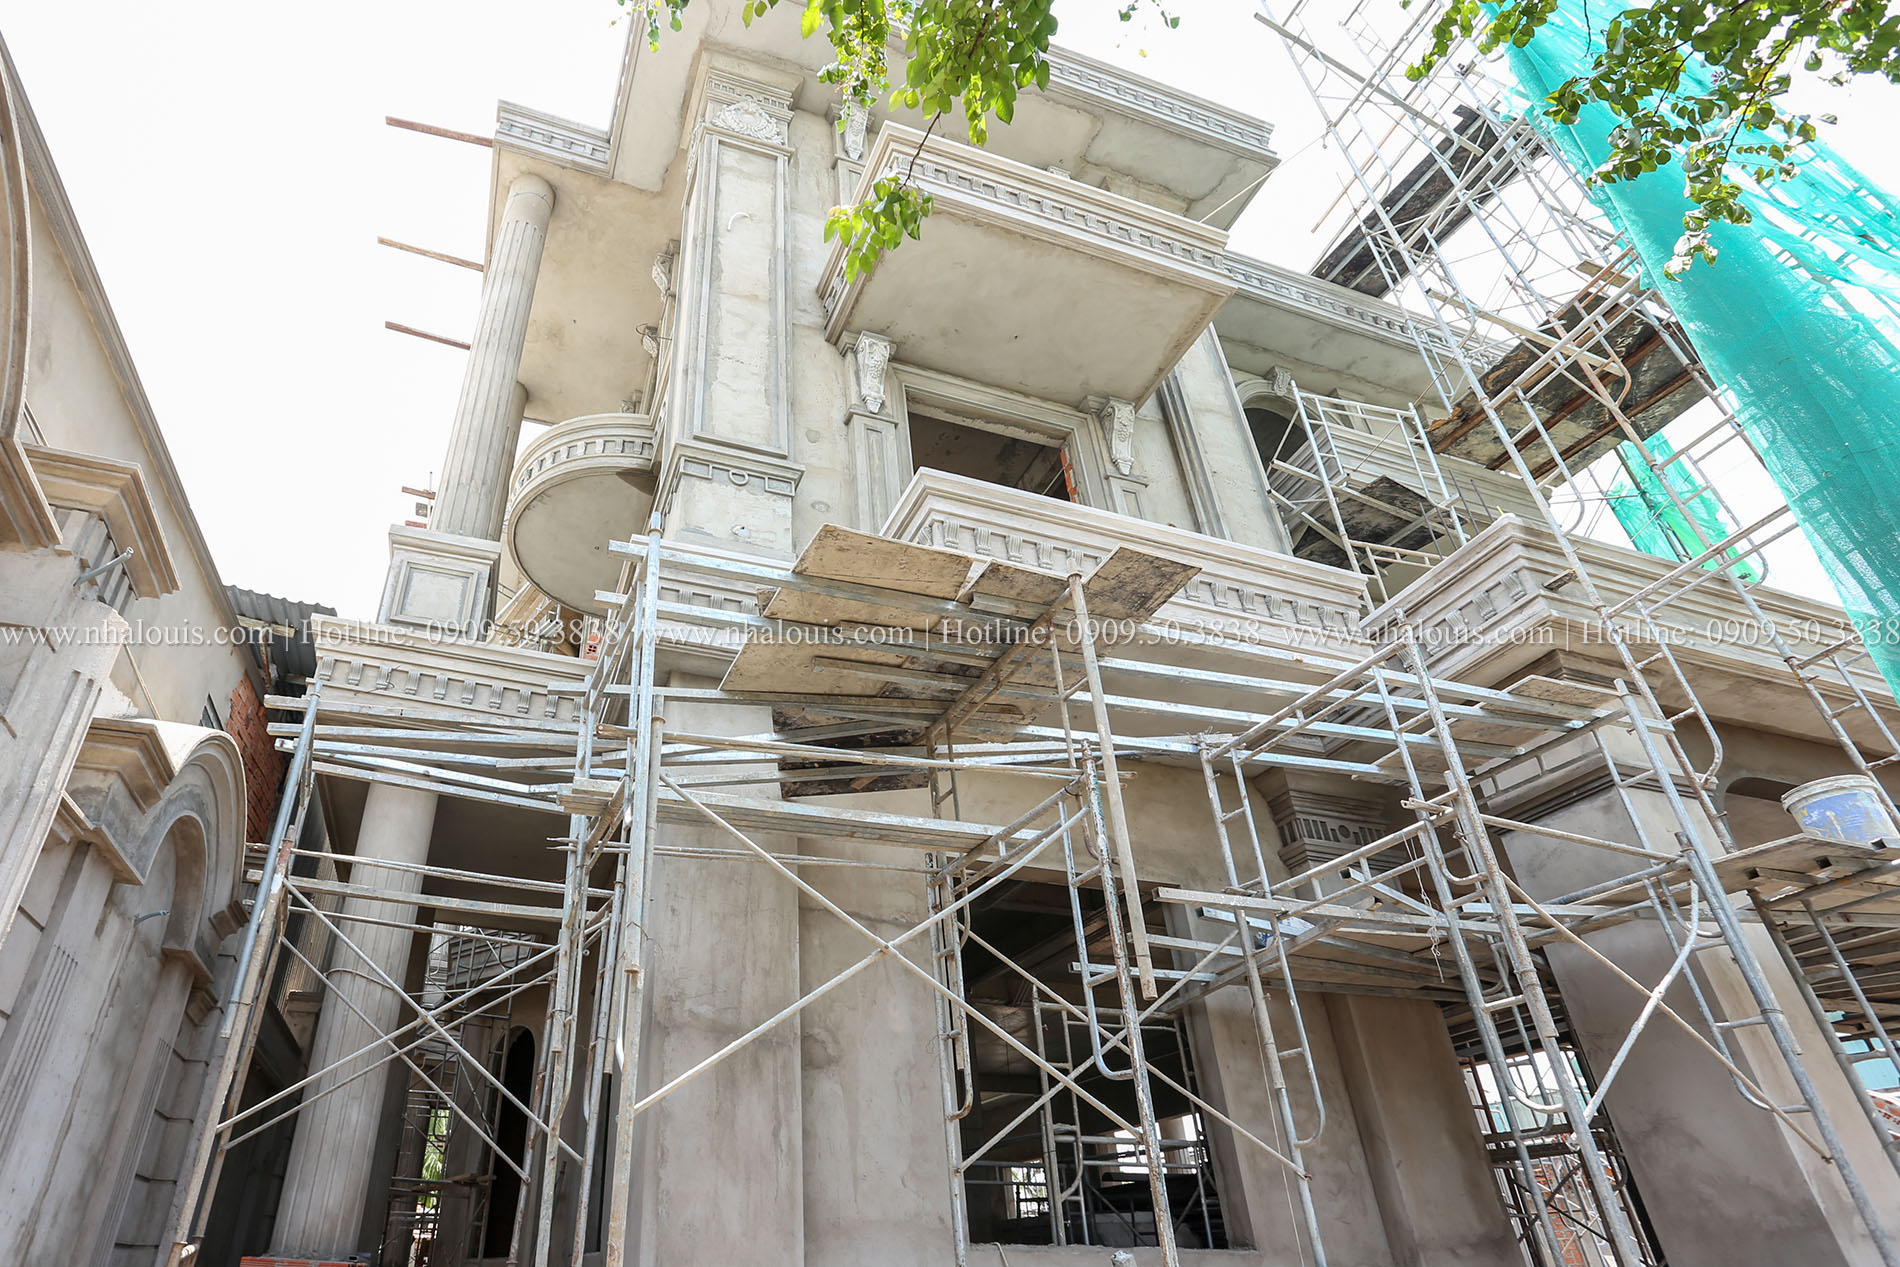 Thiết kế biệt thự 3 tầng cổ điển mái thái đẹp không tì vết tại Thủ Đức